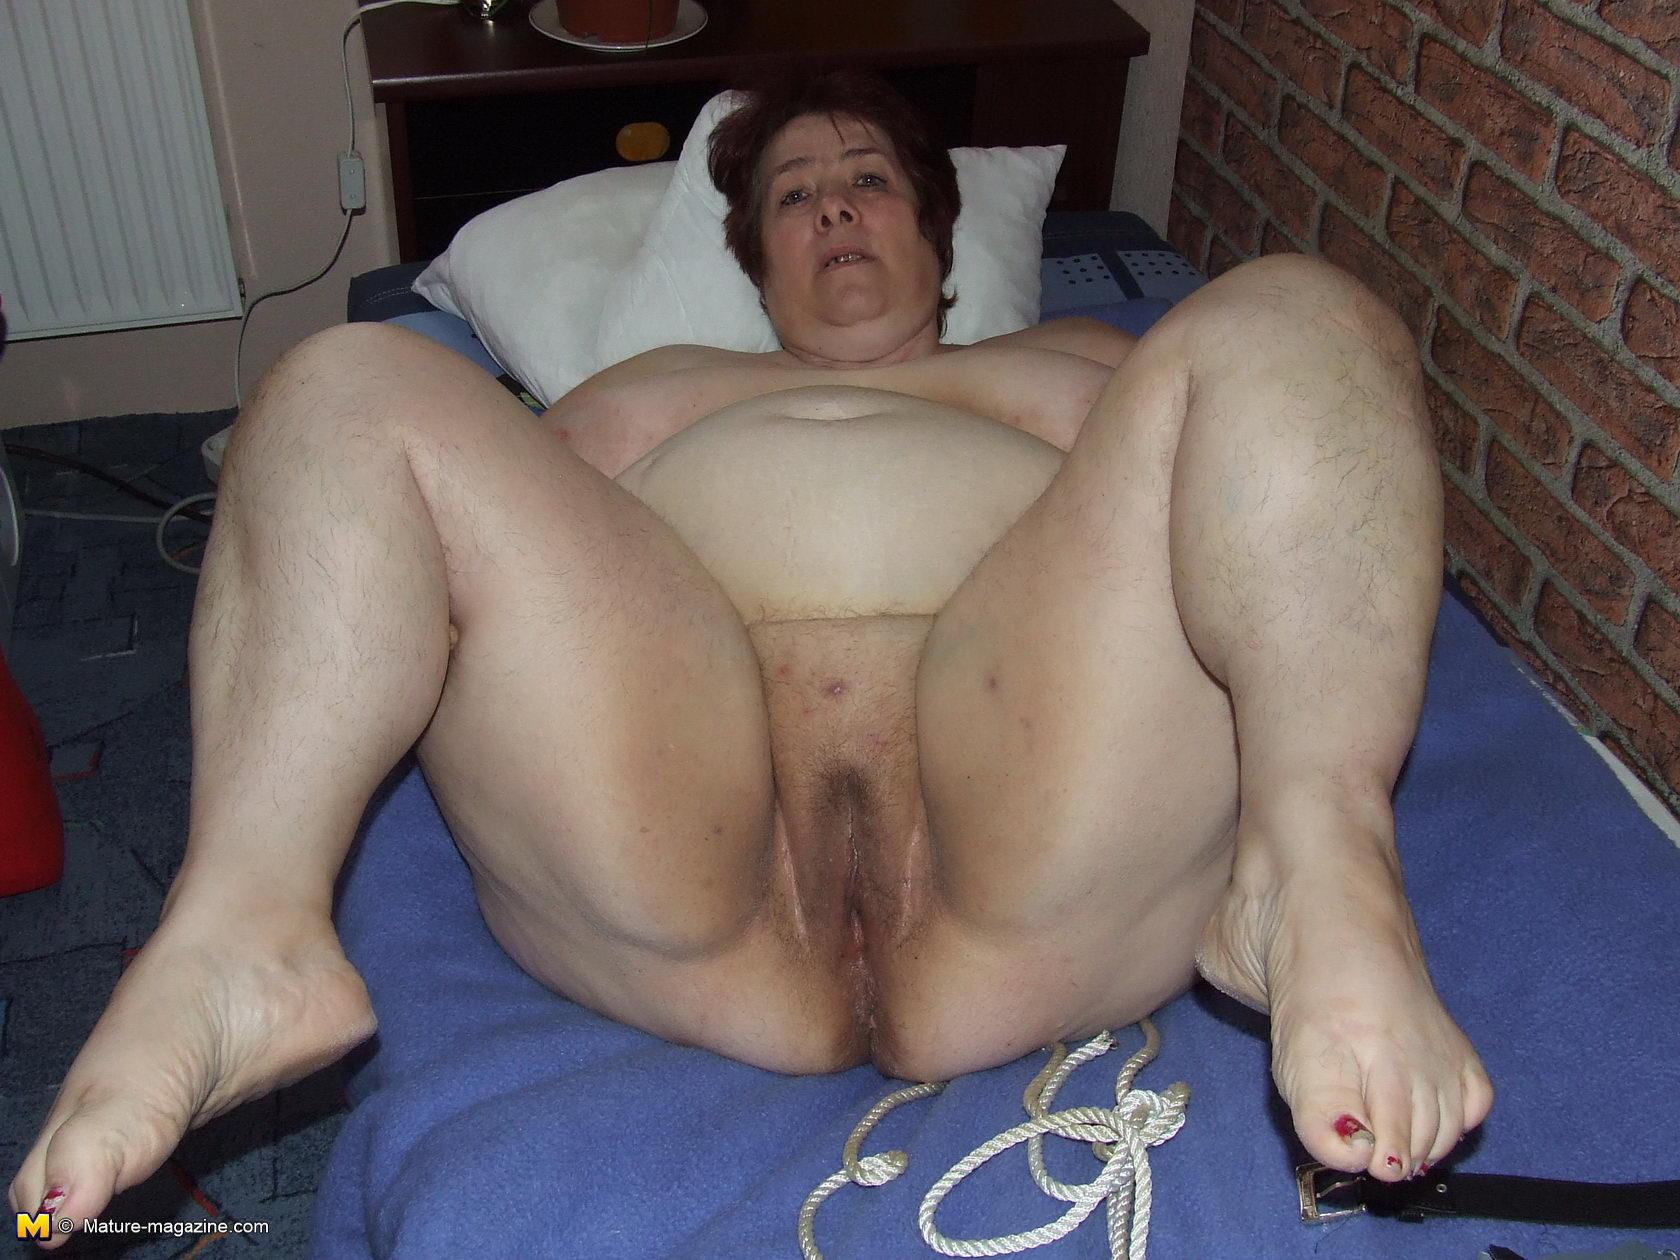 Free hot amateur hooker porn